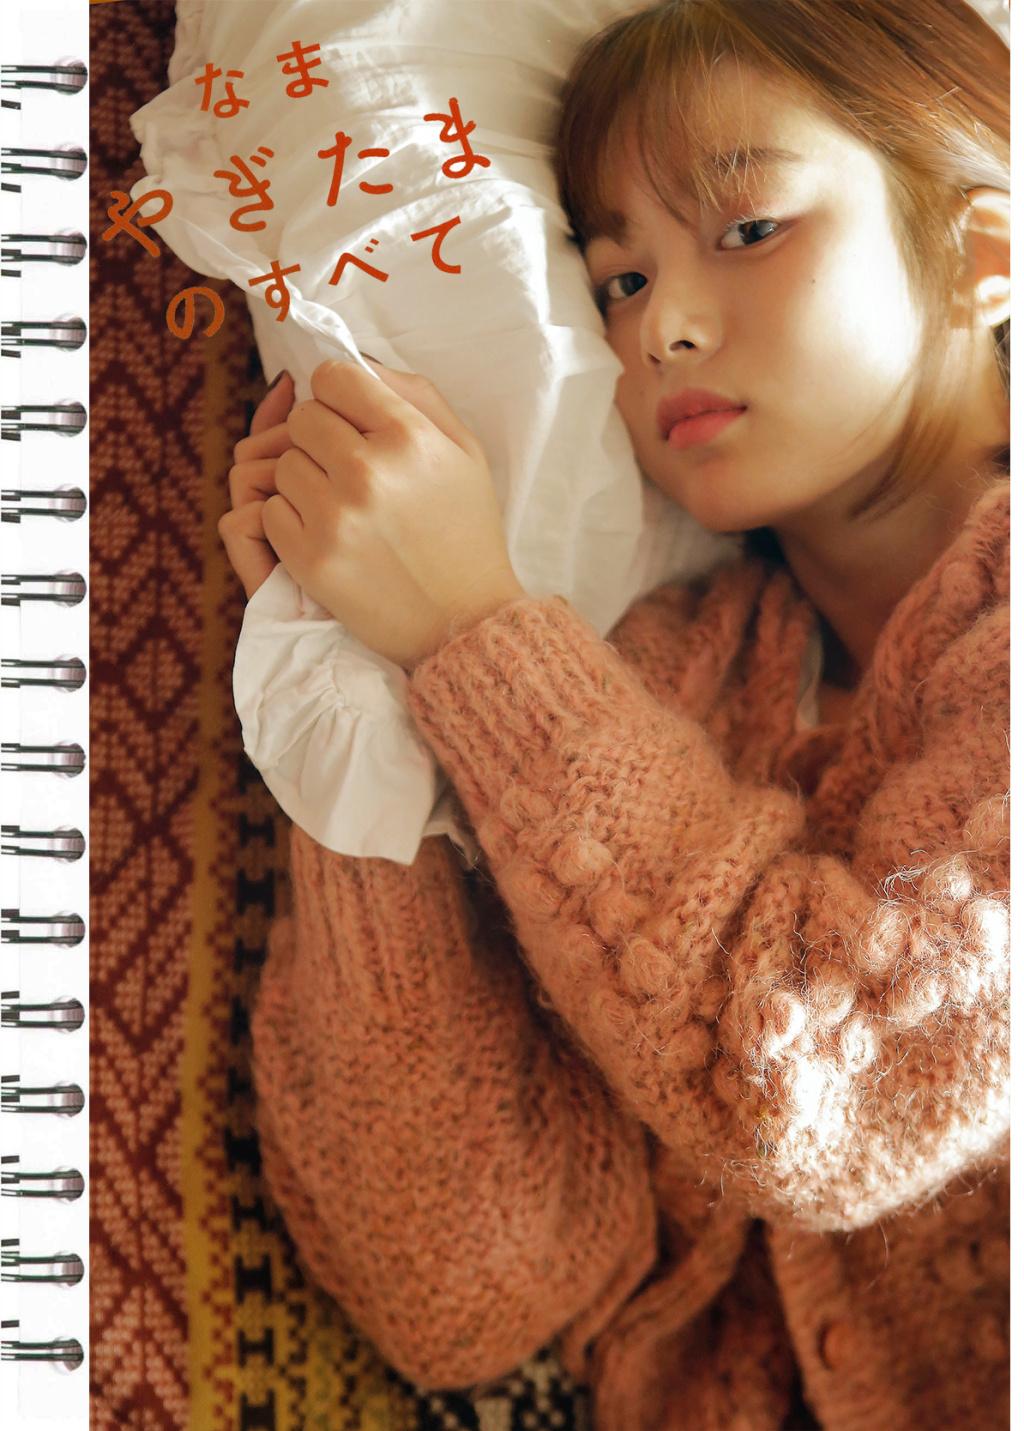 小圆脸美女日式短发吊带超短裤身形修长图片